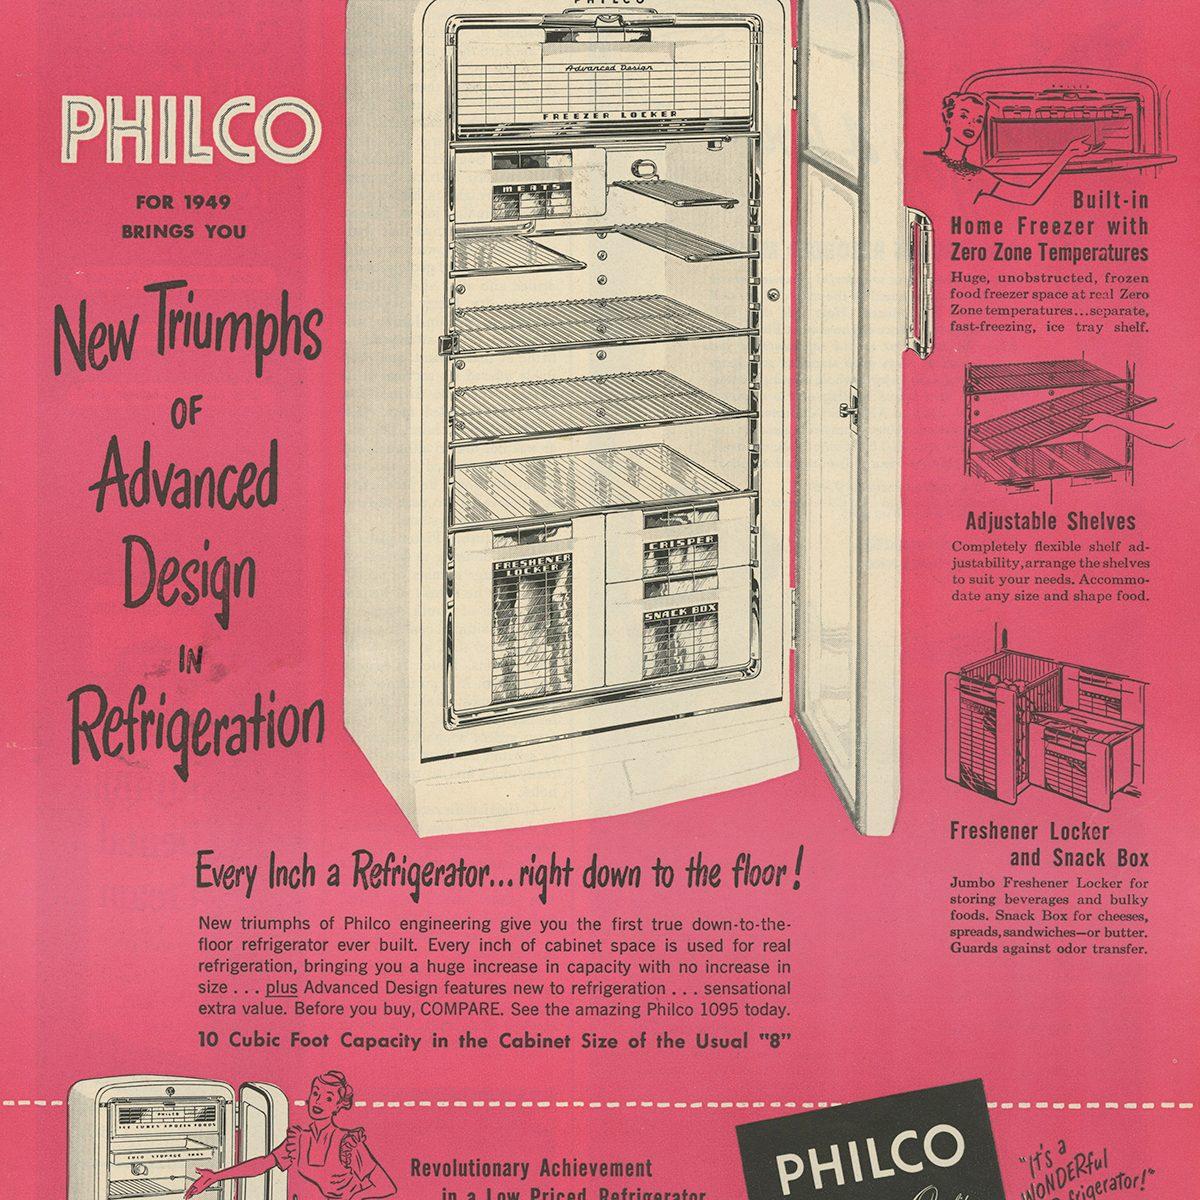 Philco Refrigerator